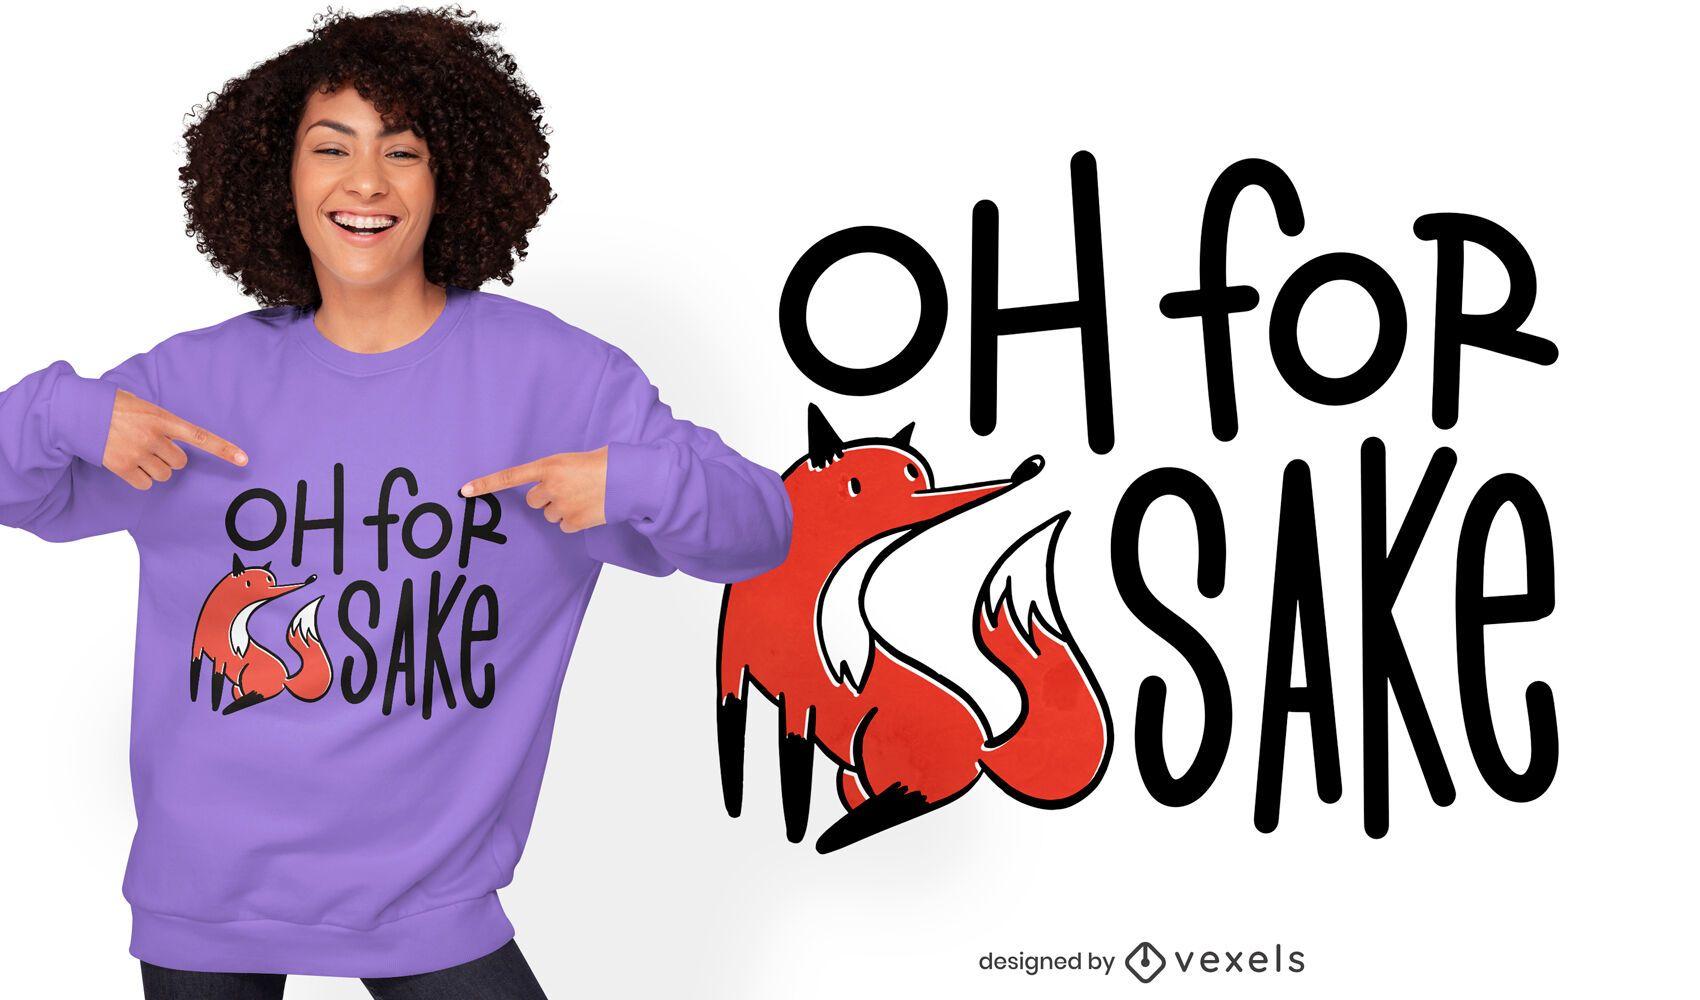 For fox sake t-shirt design